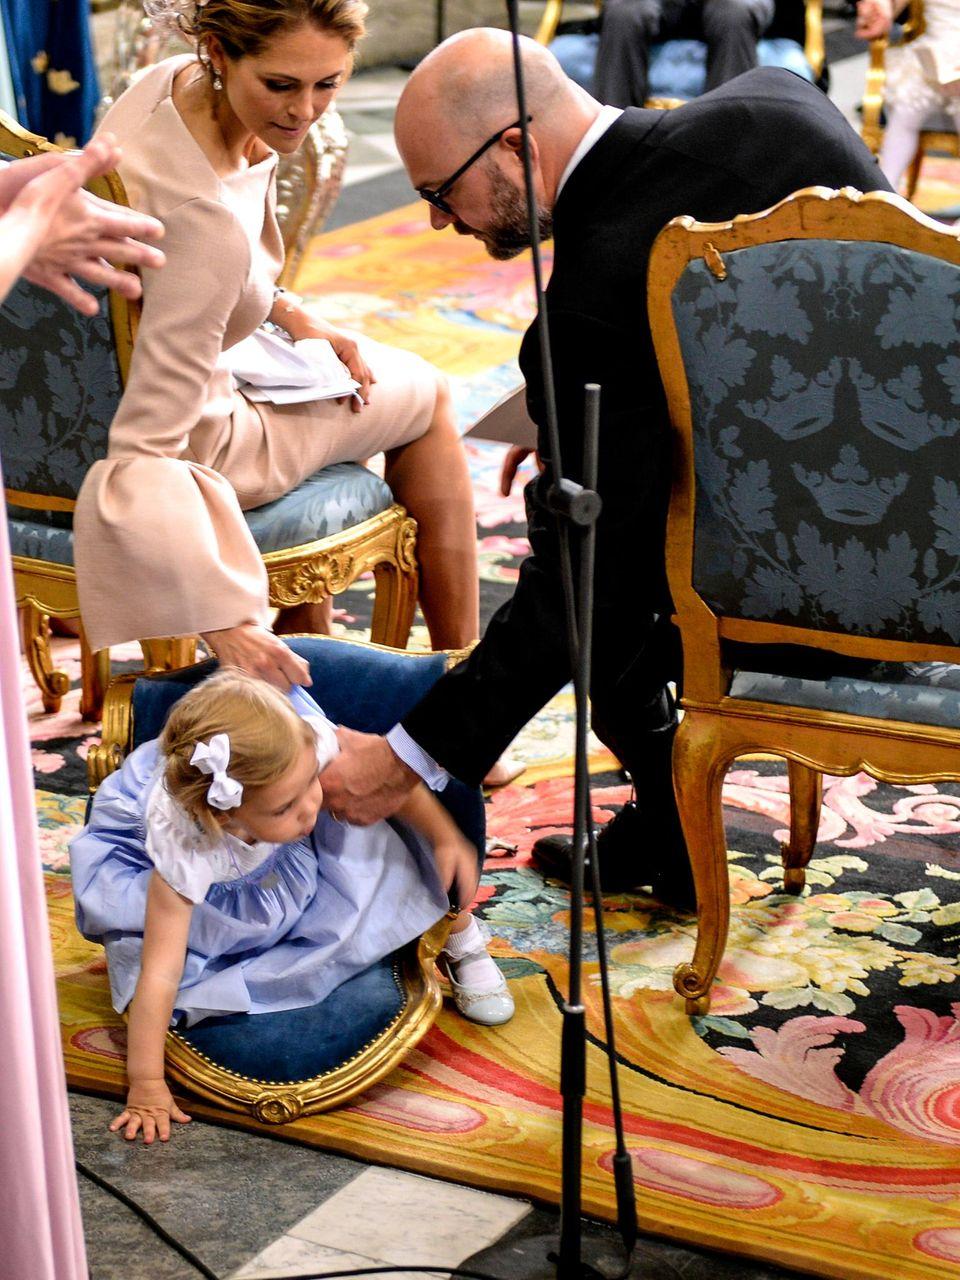 Leonore will unbedingt sehen, was hinter ihr passiert: Da fällt sie mit dem Mini-Stuhl um.